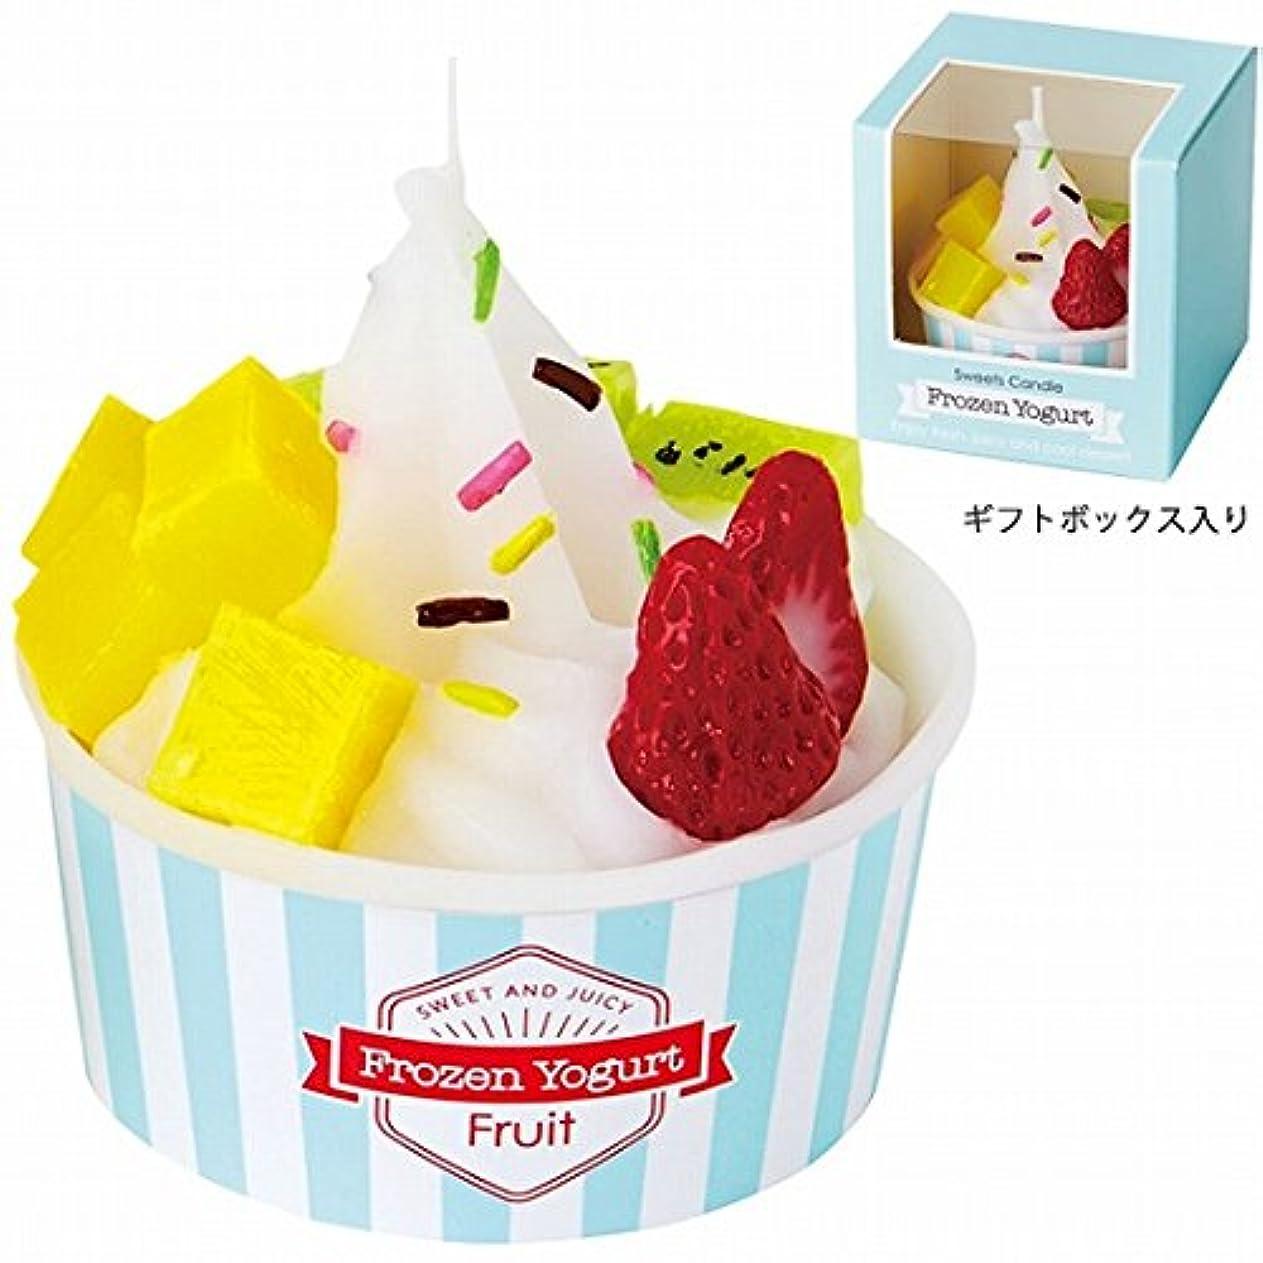 集中的な矢印フェザーkameyama candle(カメヤマキャンドル) フローズンヨーグルトキャンドル 「フルーツ」 4個セット(A4670520)